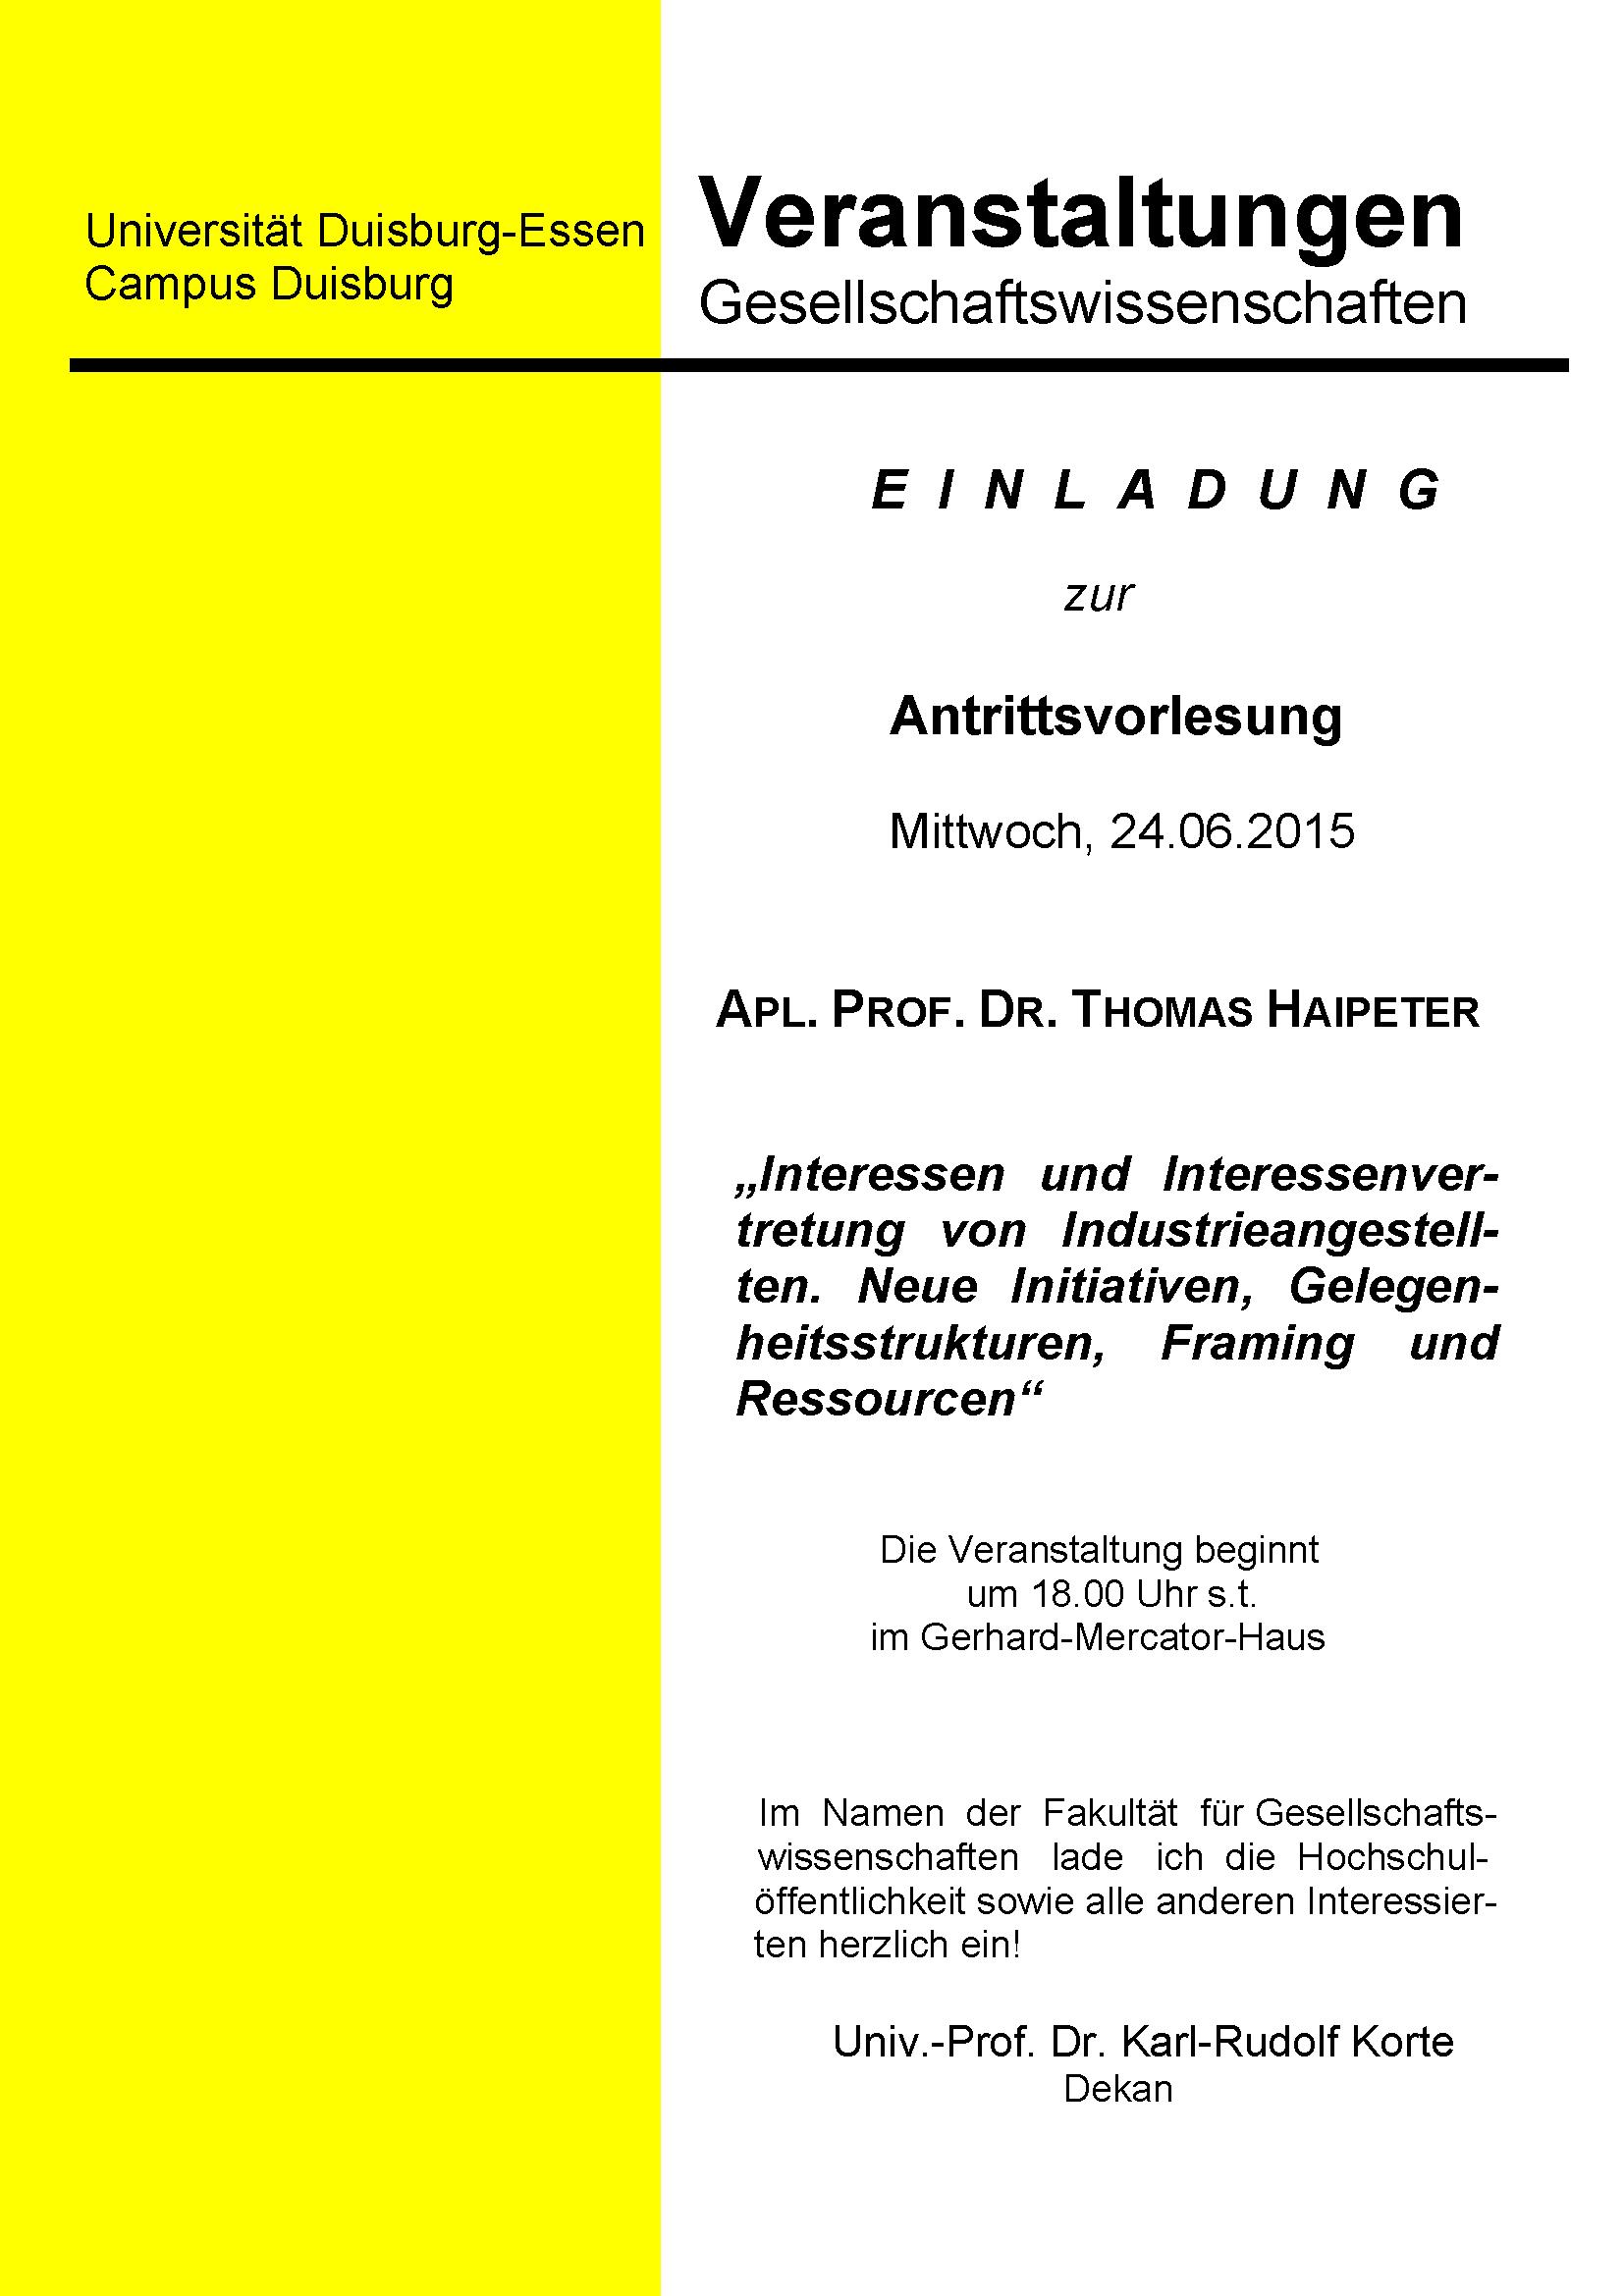 archiv aktuelles vom institut für soziologie sommersemester 2014, Einladungen